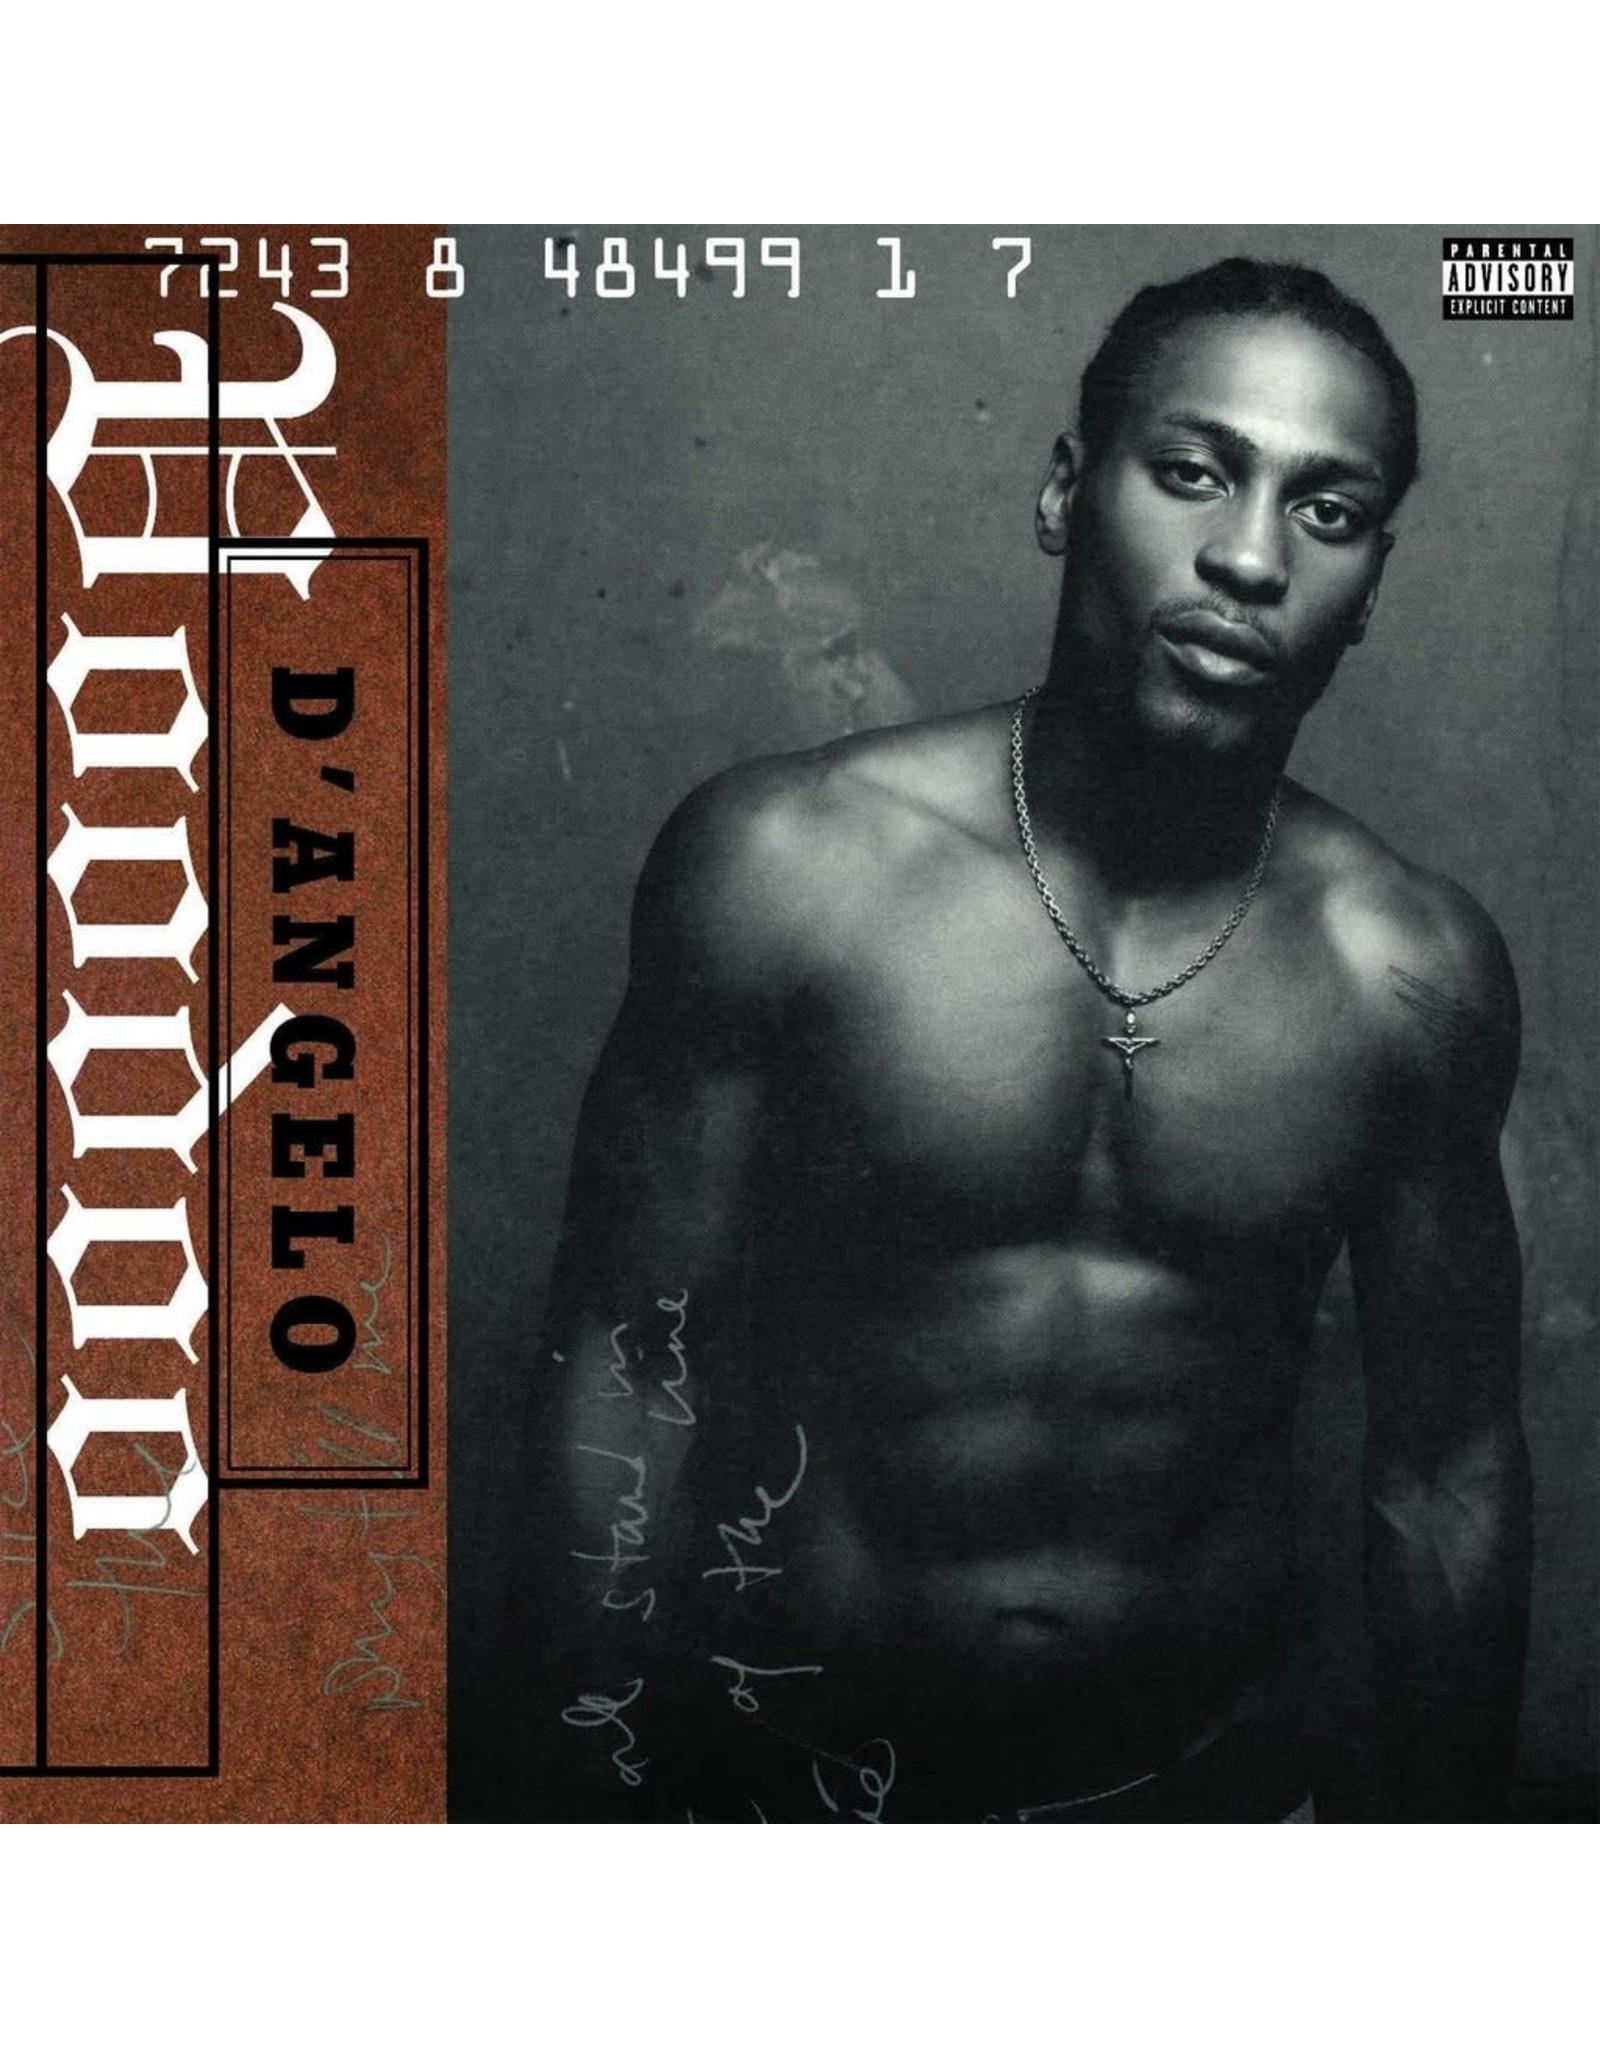 D'Angelo - Voodoo (2LP)